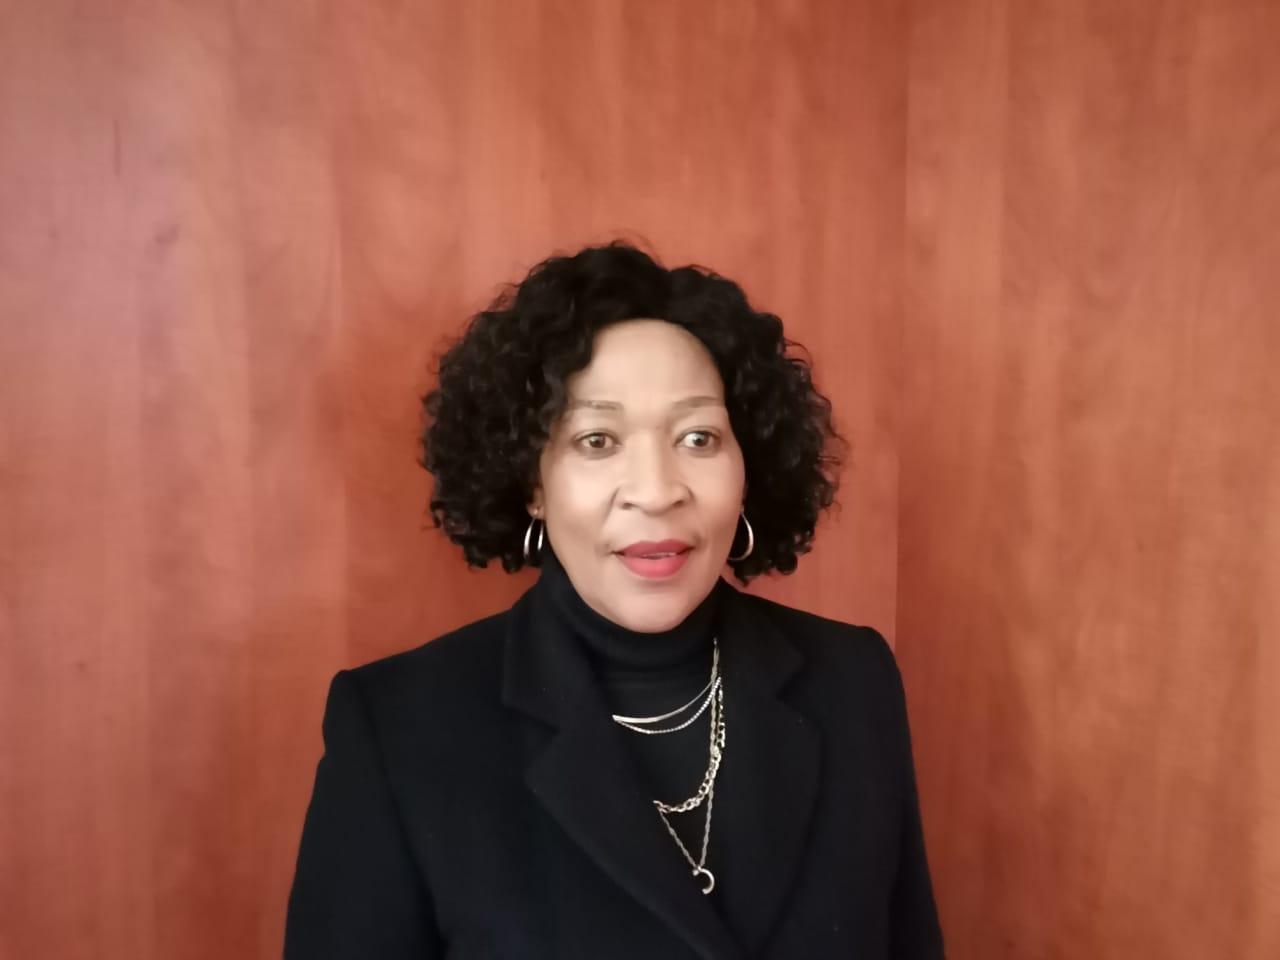 Ms. Lilly Mashego